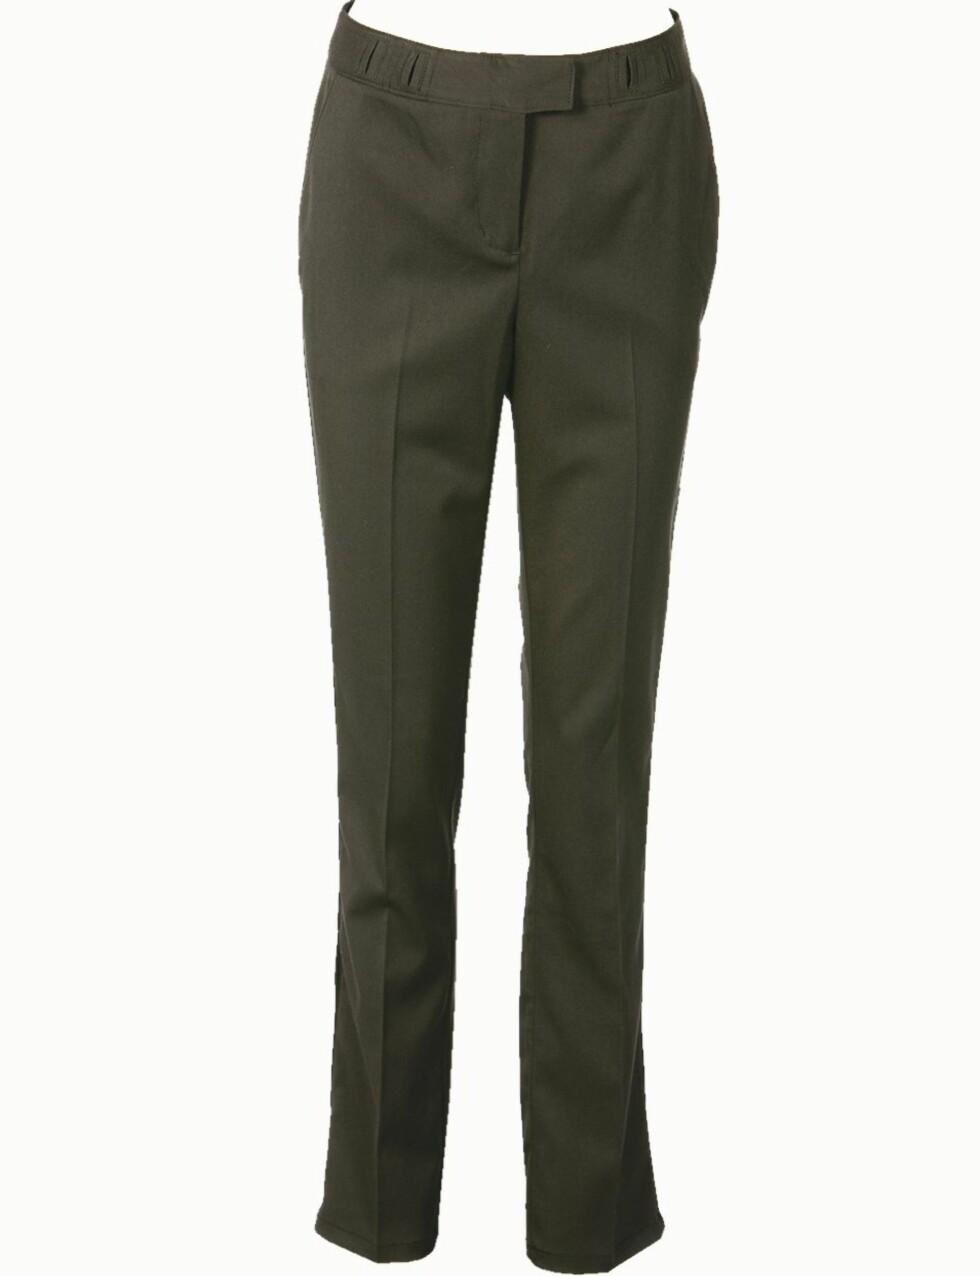 <strong>FIN FOR STORE HOFTER:</strong> Dressbukse i elastisk stoff med god plass til hofter, rumpe og knær (kr 800, Dream by Isabell Kristensen).